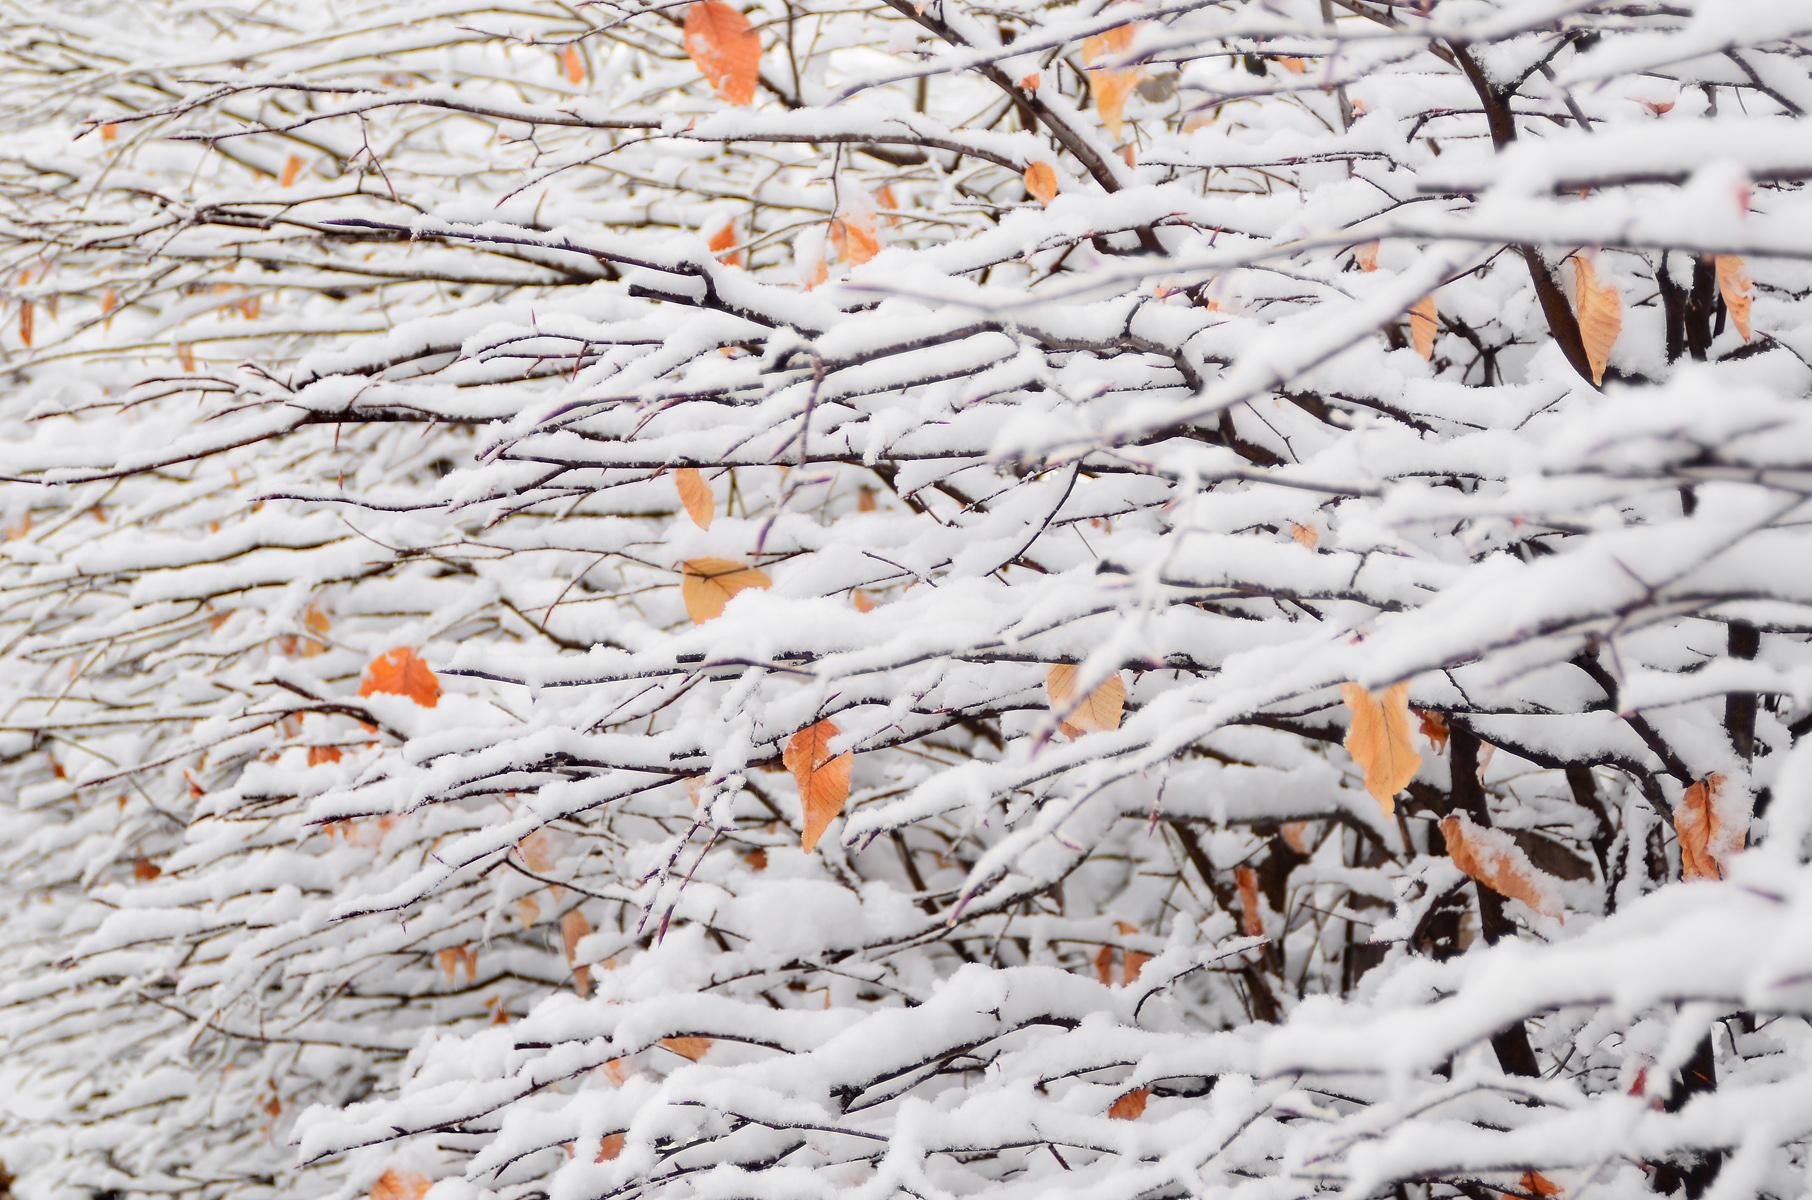 Sfondi del desktop inverno bianca la neve freddo for Immagini desktop inverno